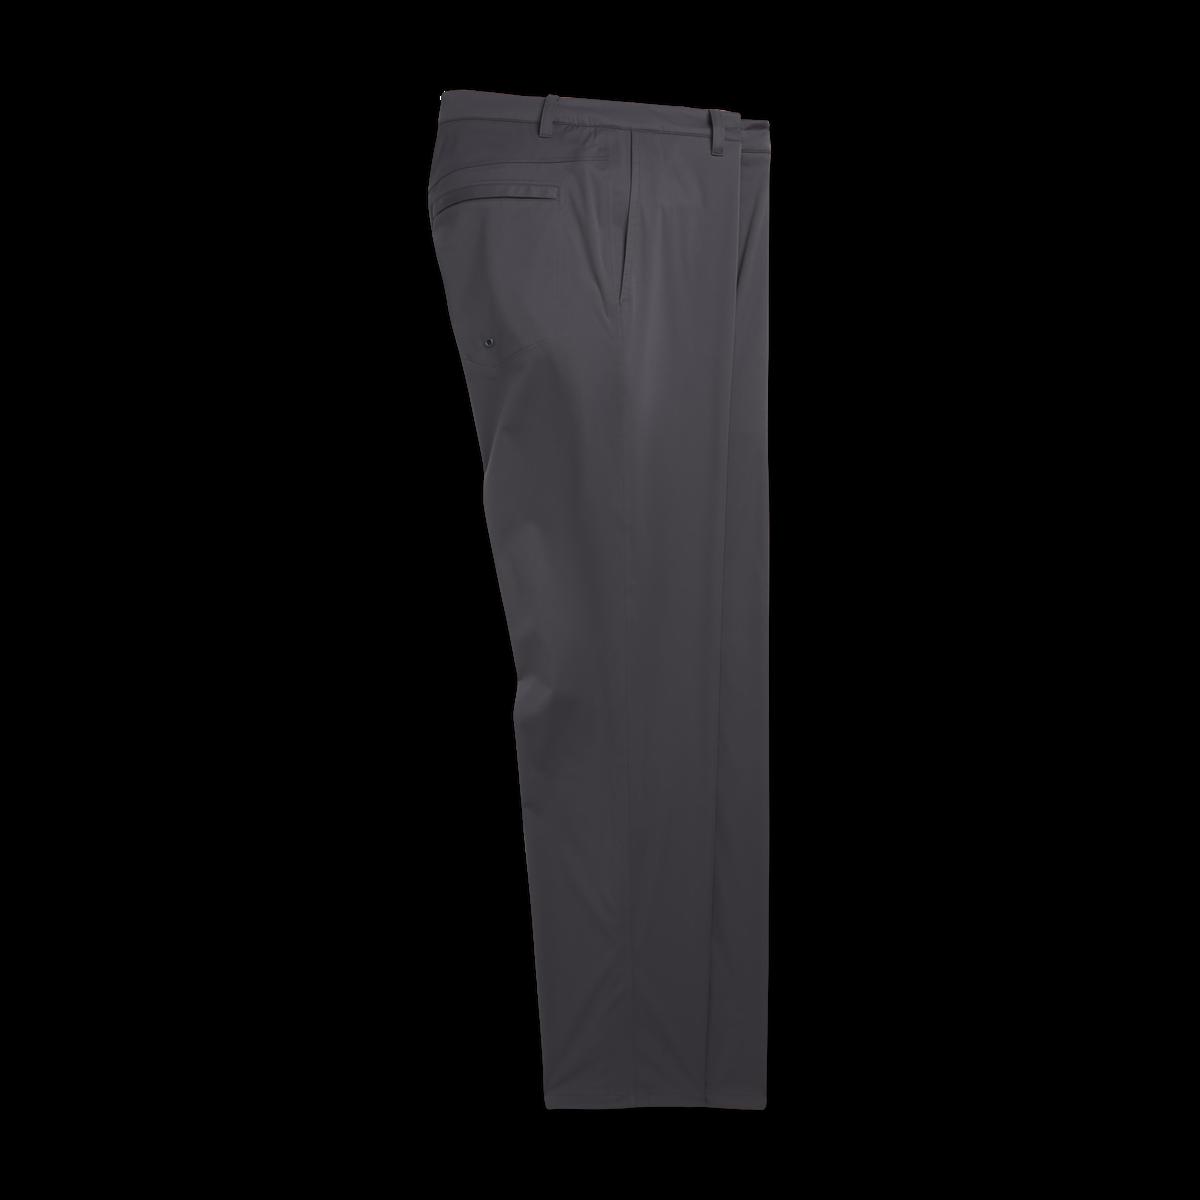 HydroKnit Rain Pants